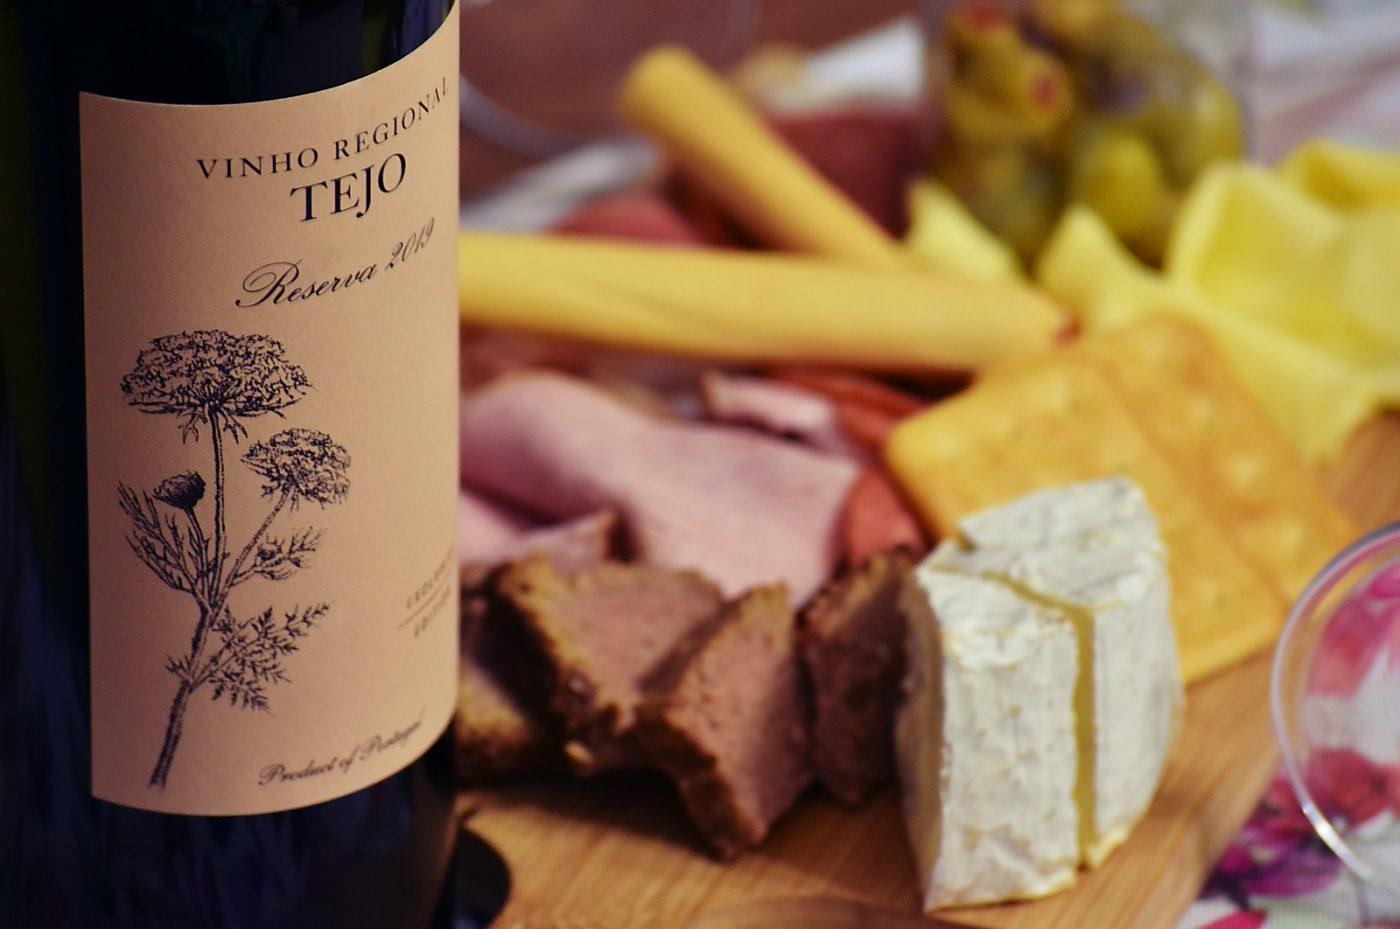 Wino i jedzenie - tejo